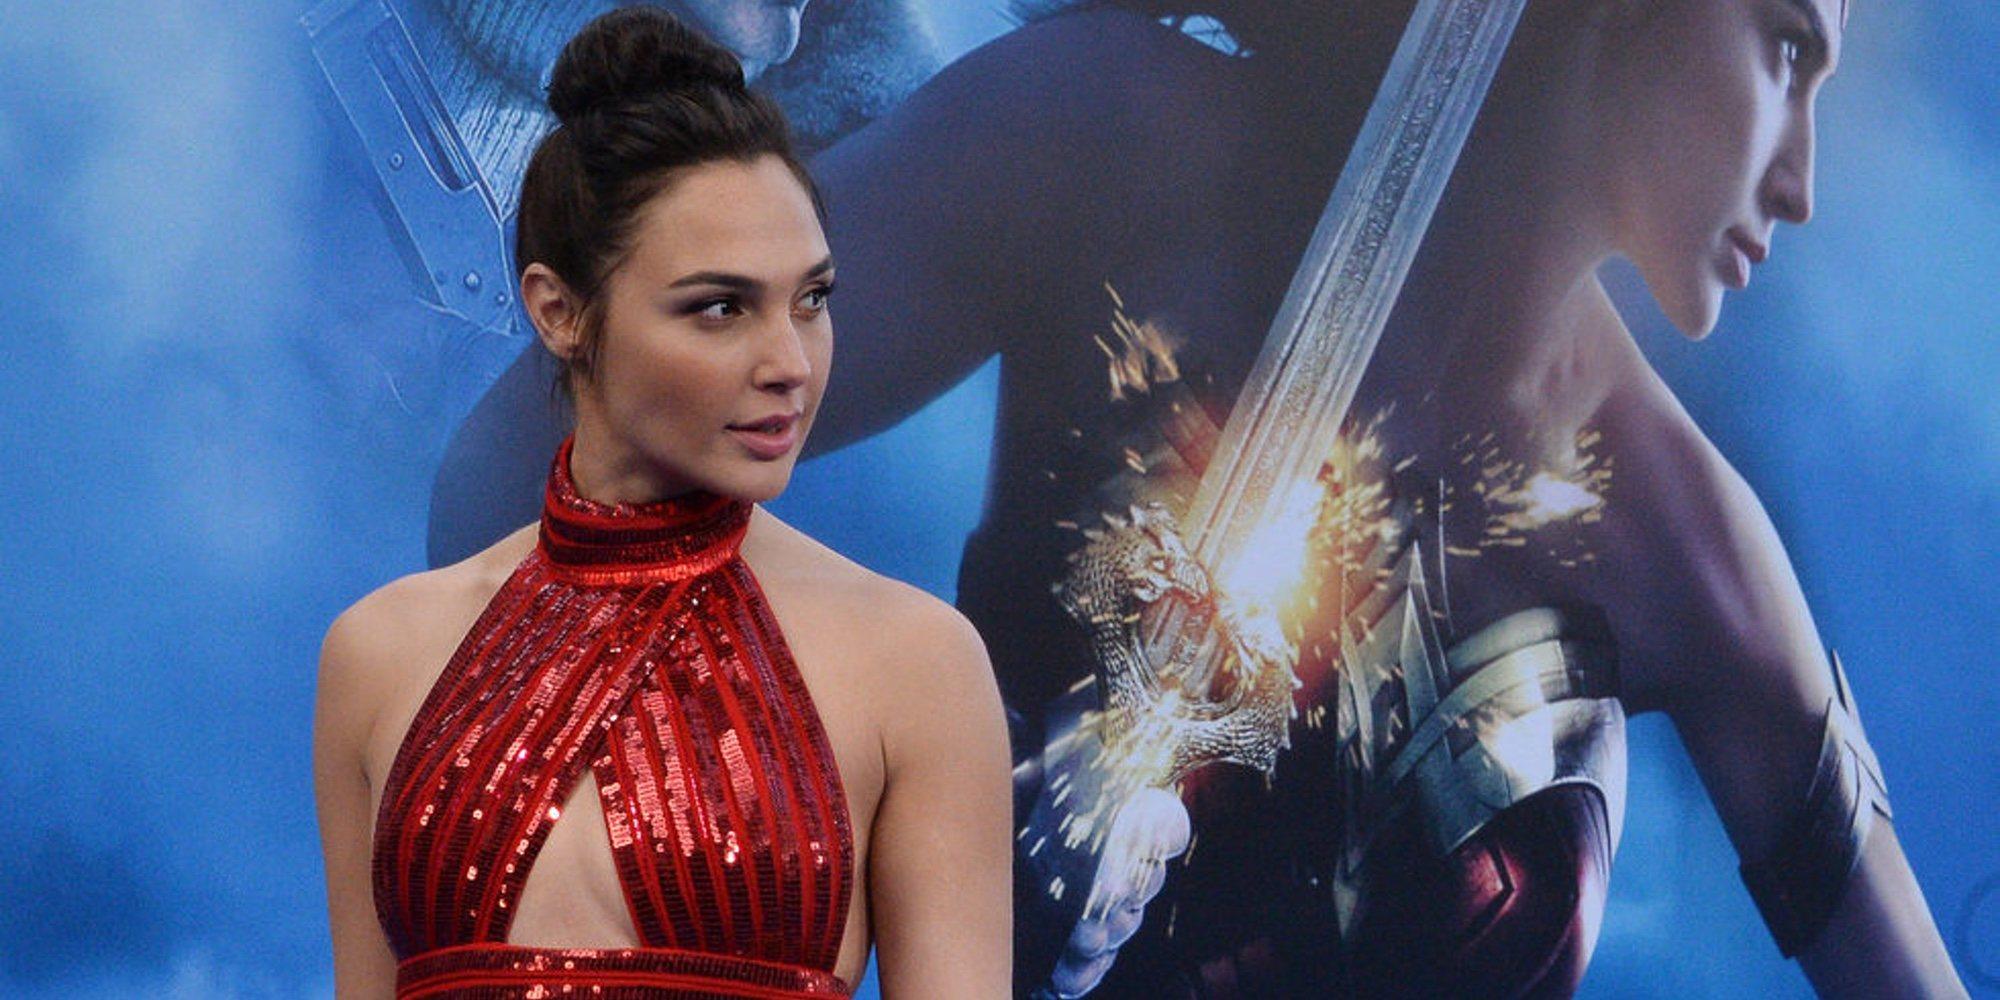 La increíble sorpresa de Gal Gadot al visitar un hospital infantil vestida de 'Wonder Woman'